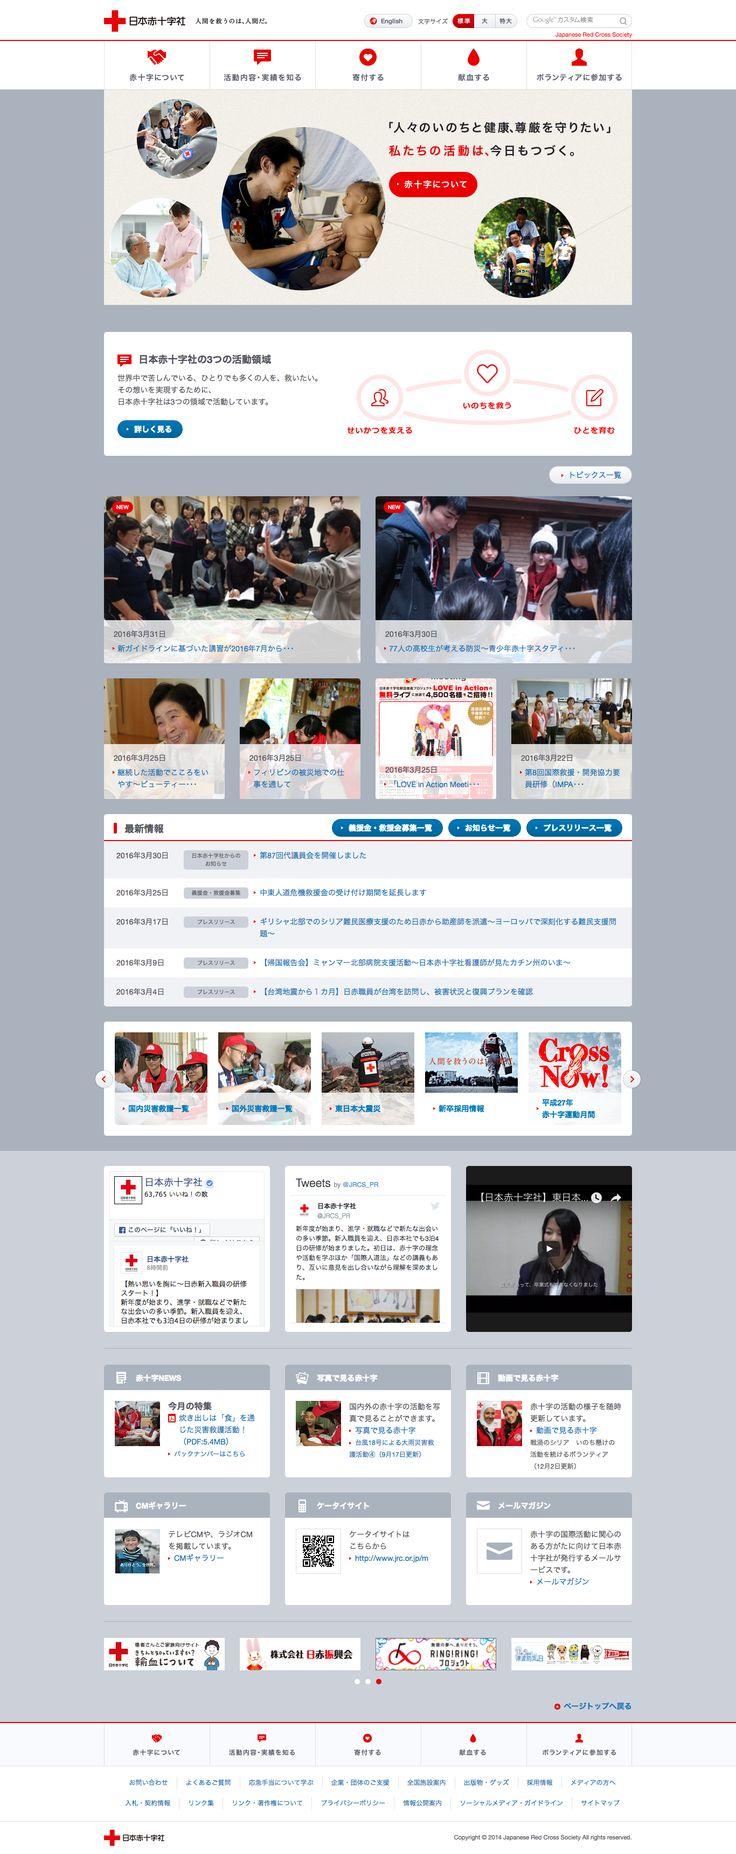 日本赤十字社 ・ヘッダーとフッターにどうやって関わるか明示してある ・写真と図を効果的につかっていてわかりやすい